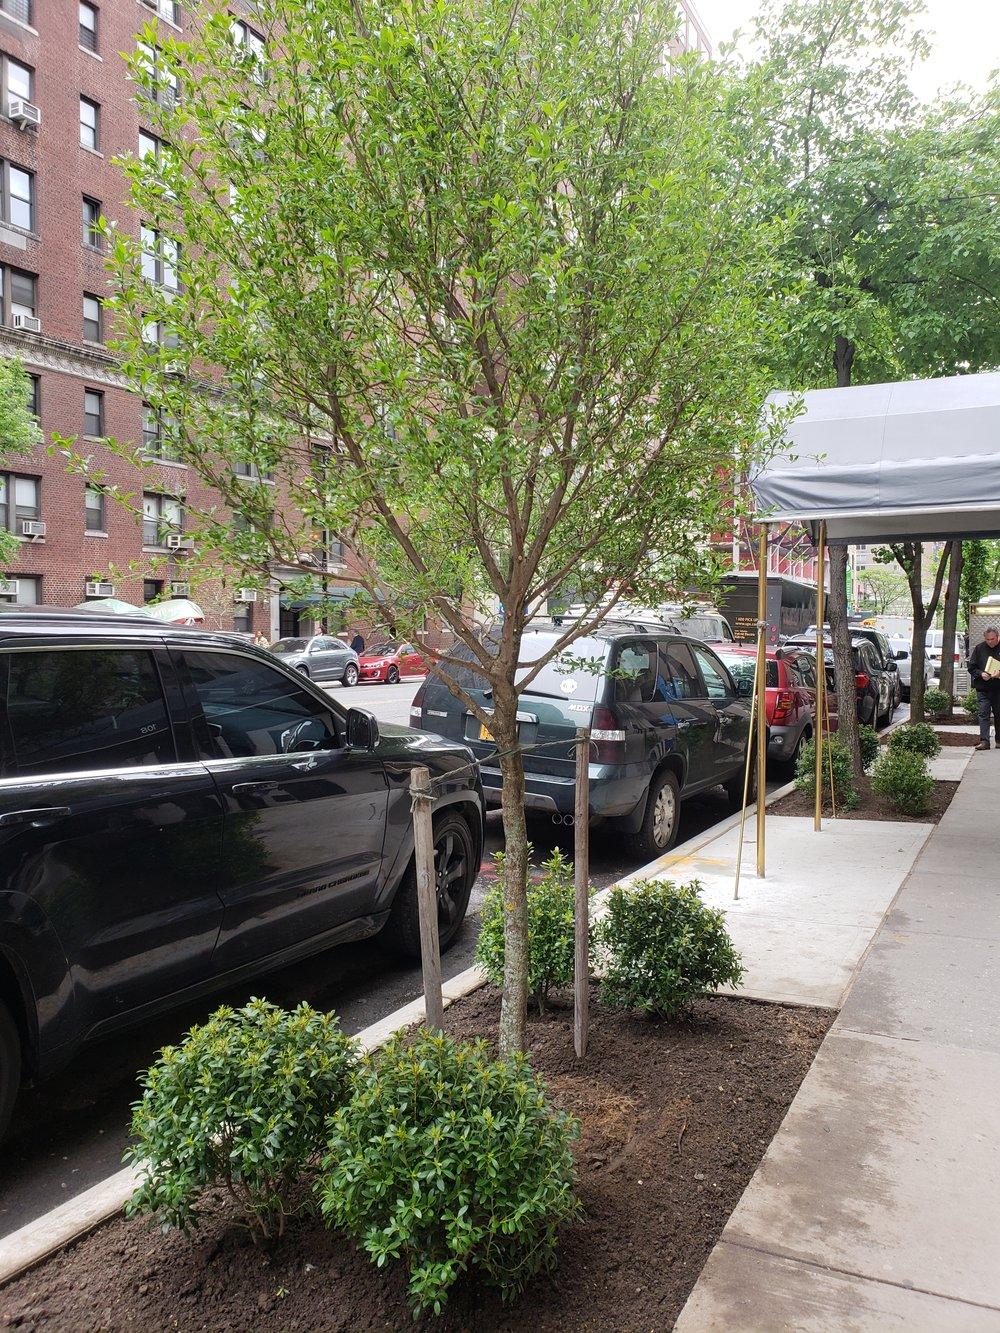 E 86th trees plants 1 5 16 18.jpg